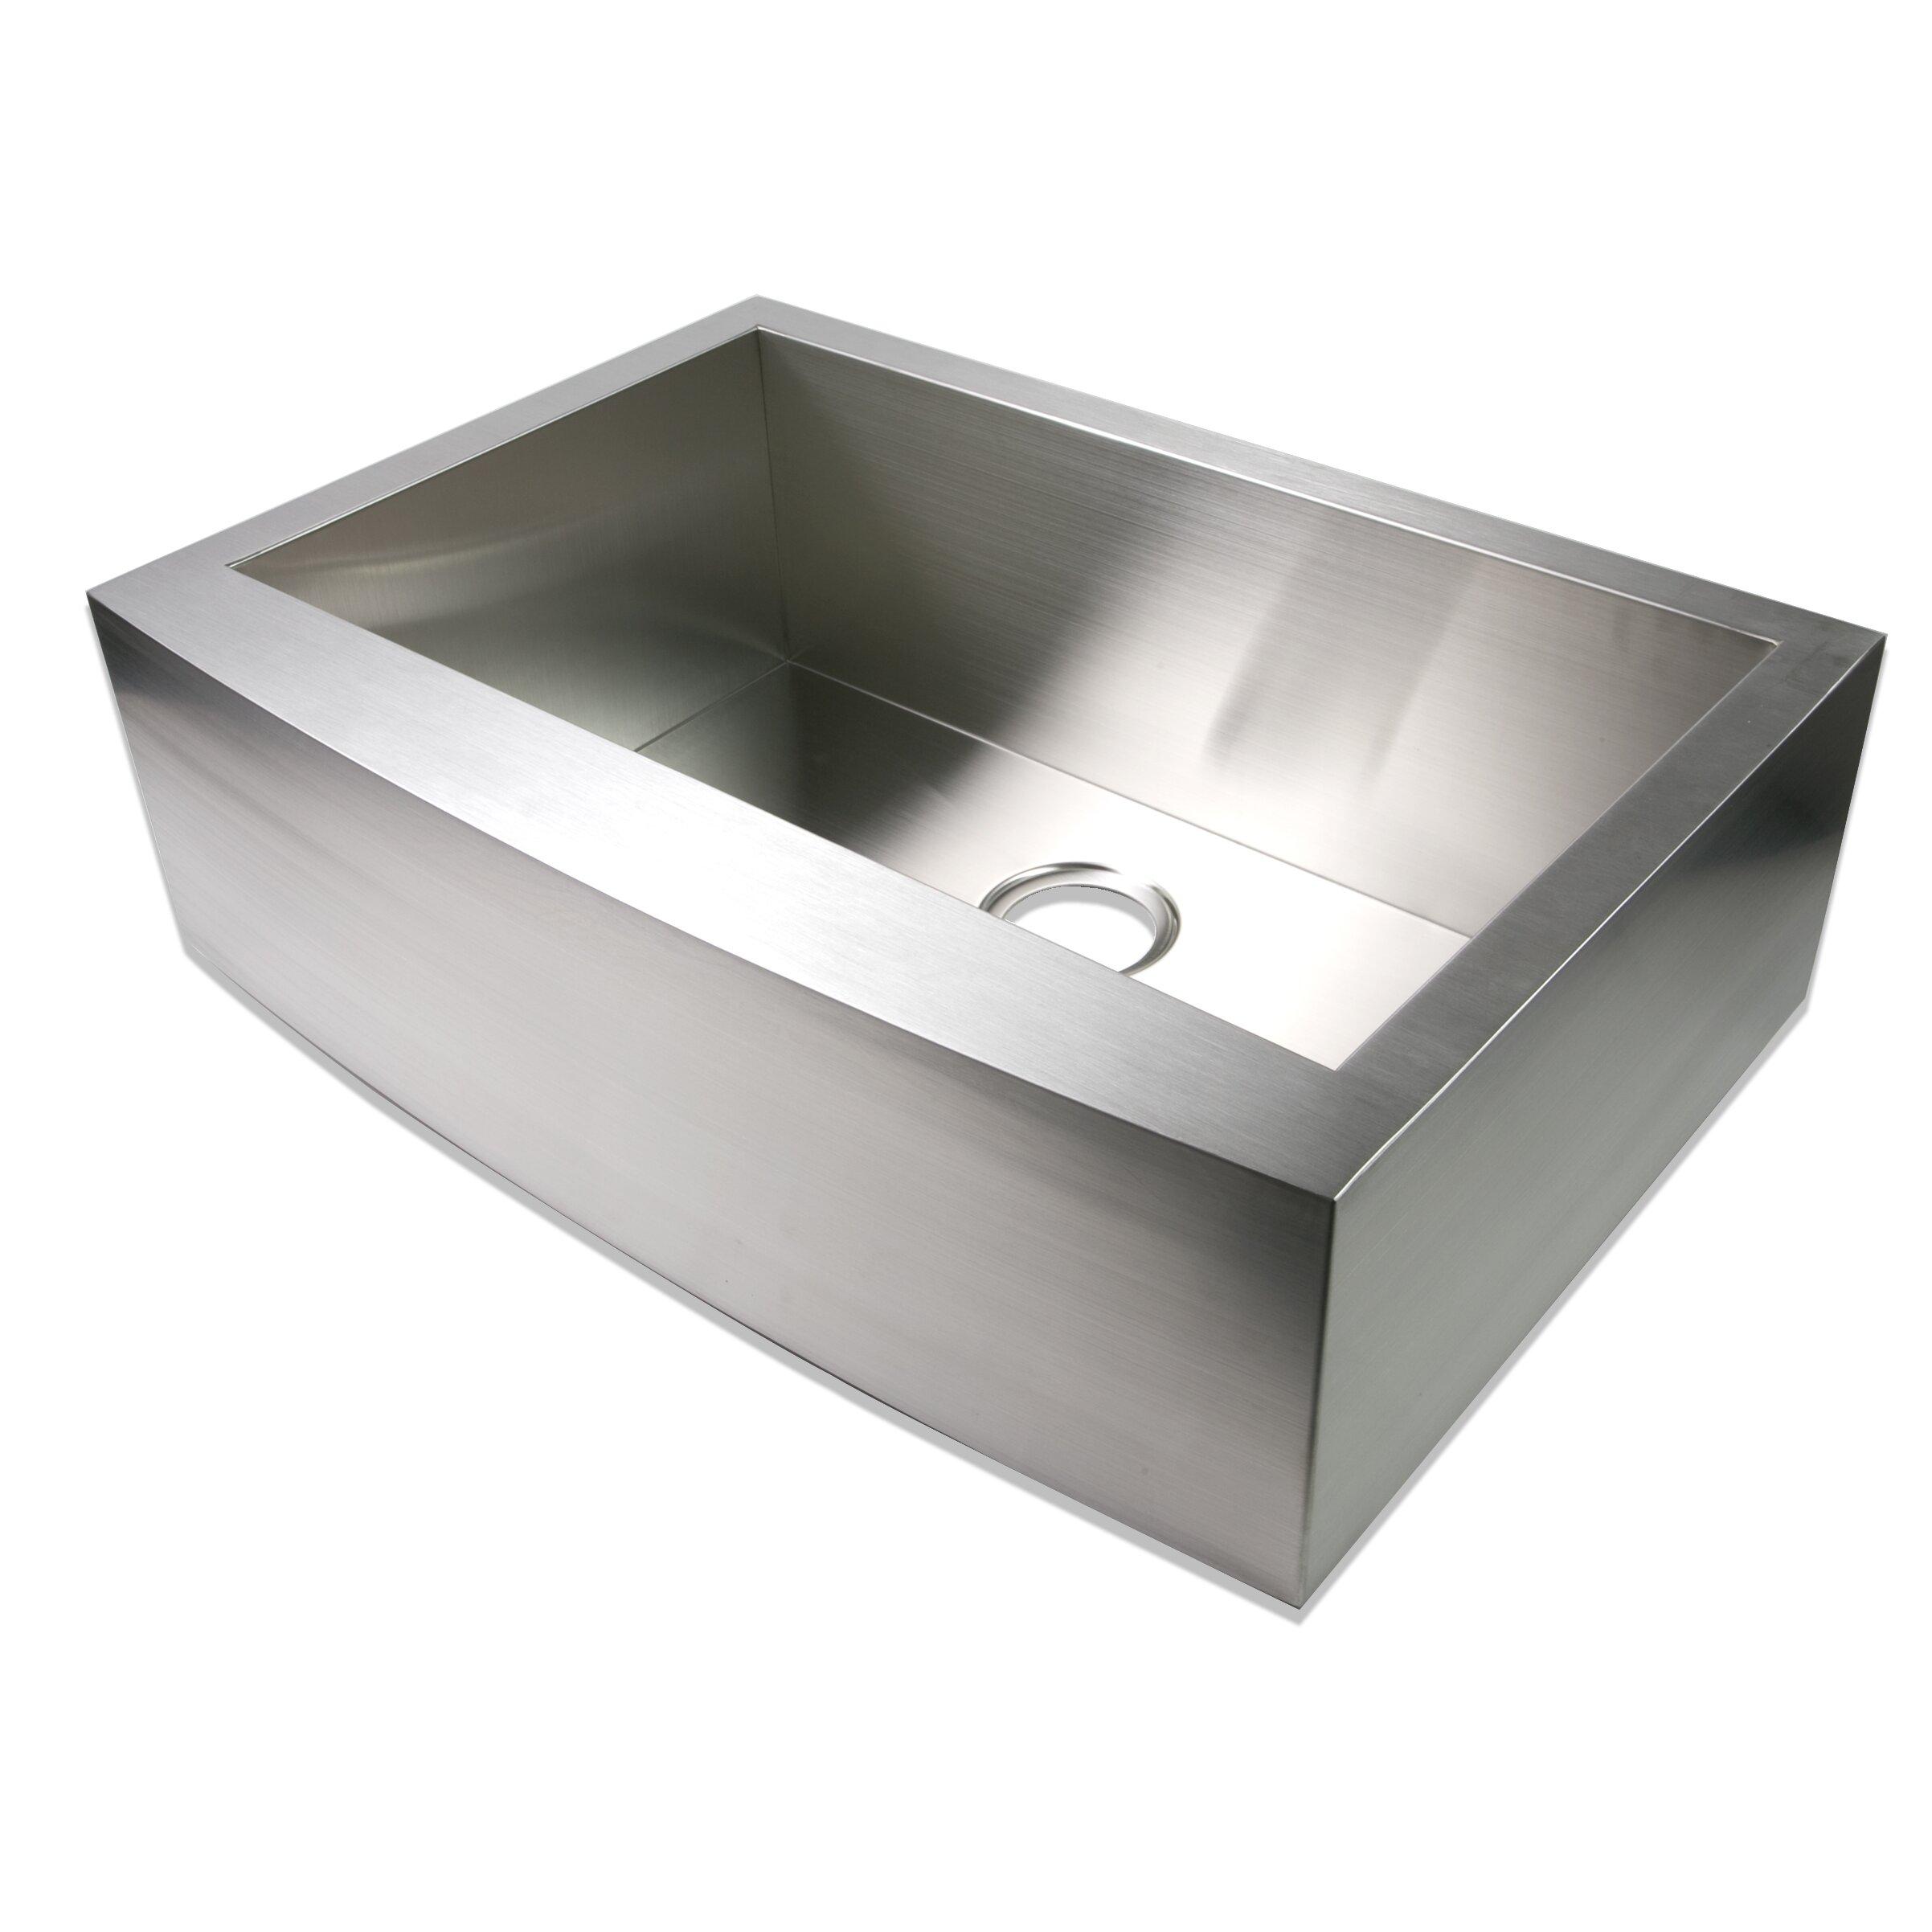 """Luxier 30"""" x 21"""" Farmhouse Apron Single Bowl Stainless Steel Handmade Zero Radius Kitchen Sink"""